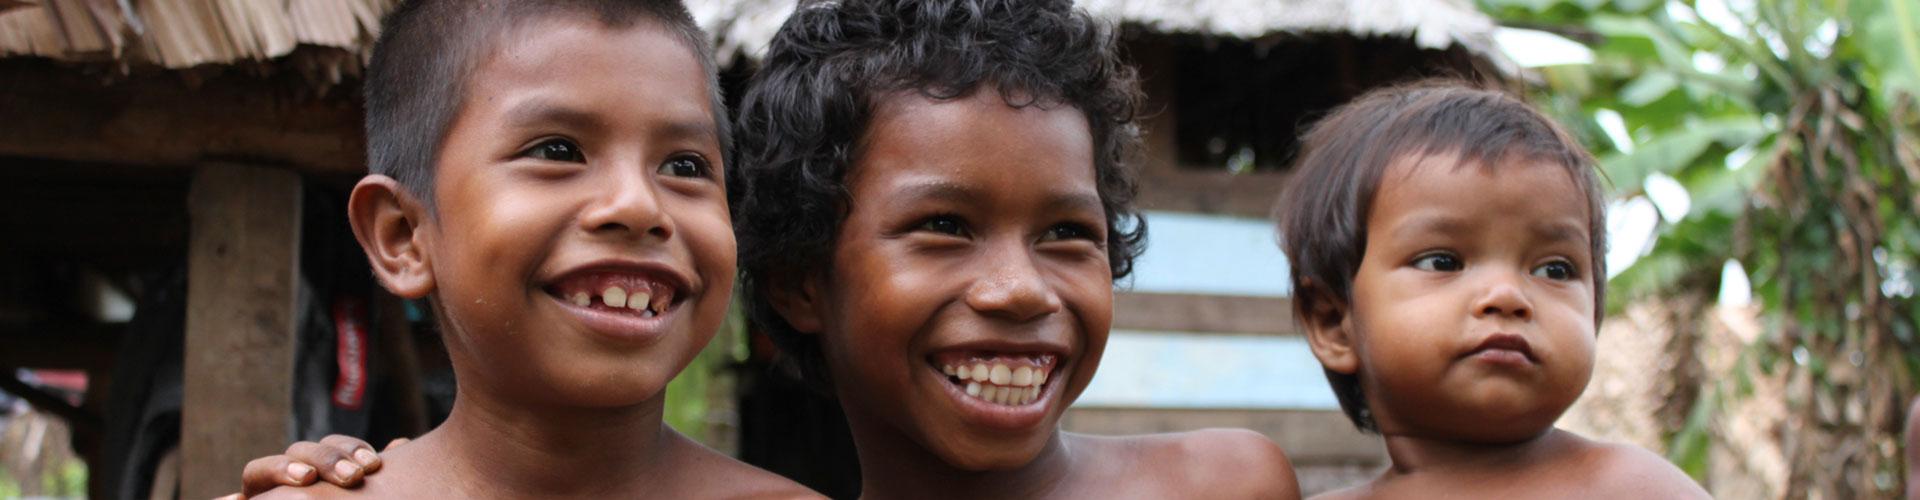 Foto: Köpfe von drei brasillianischen Kindern, laschend